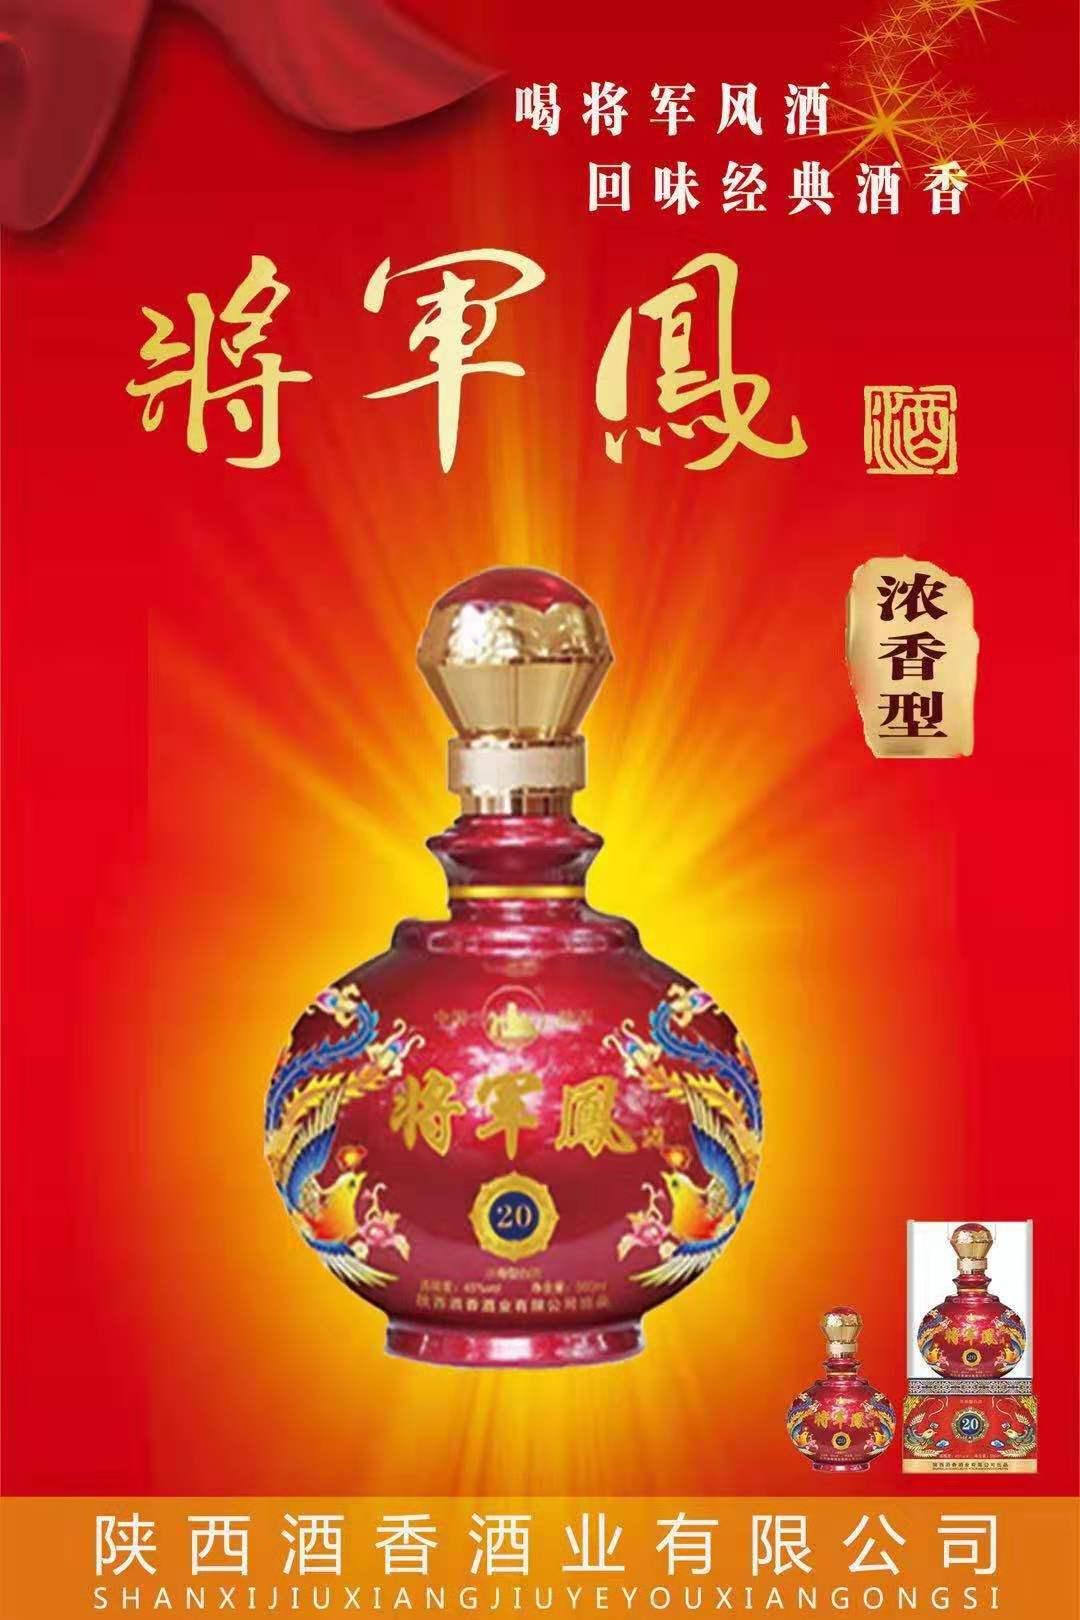 浓香型白酒——将军风